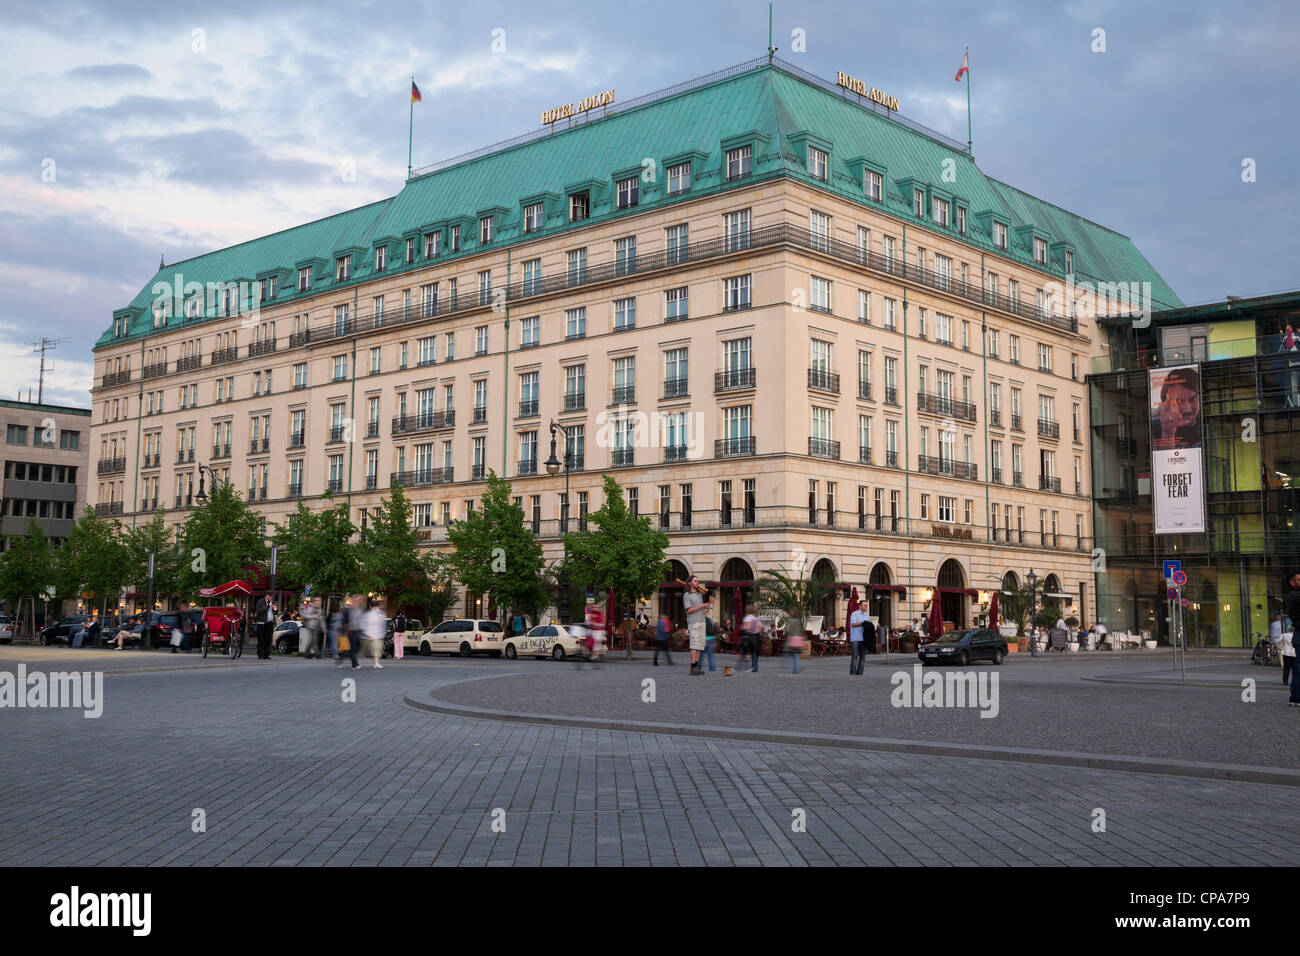 Hotel Pariser Platz Berlin